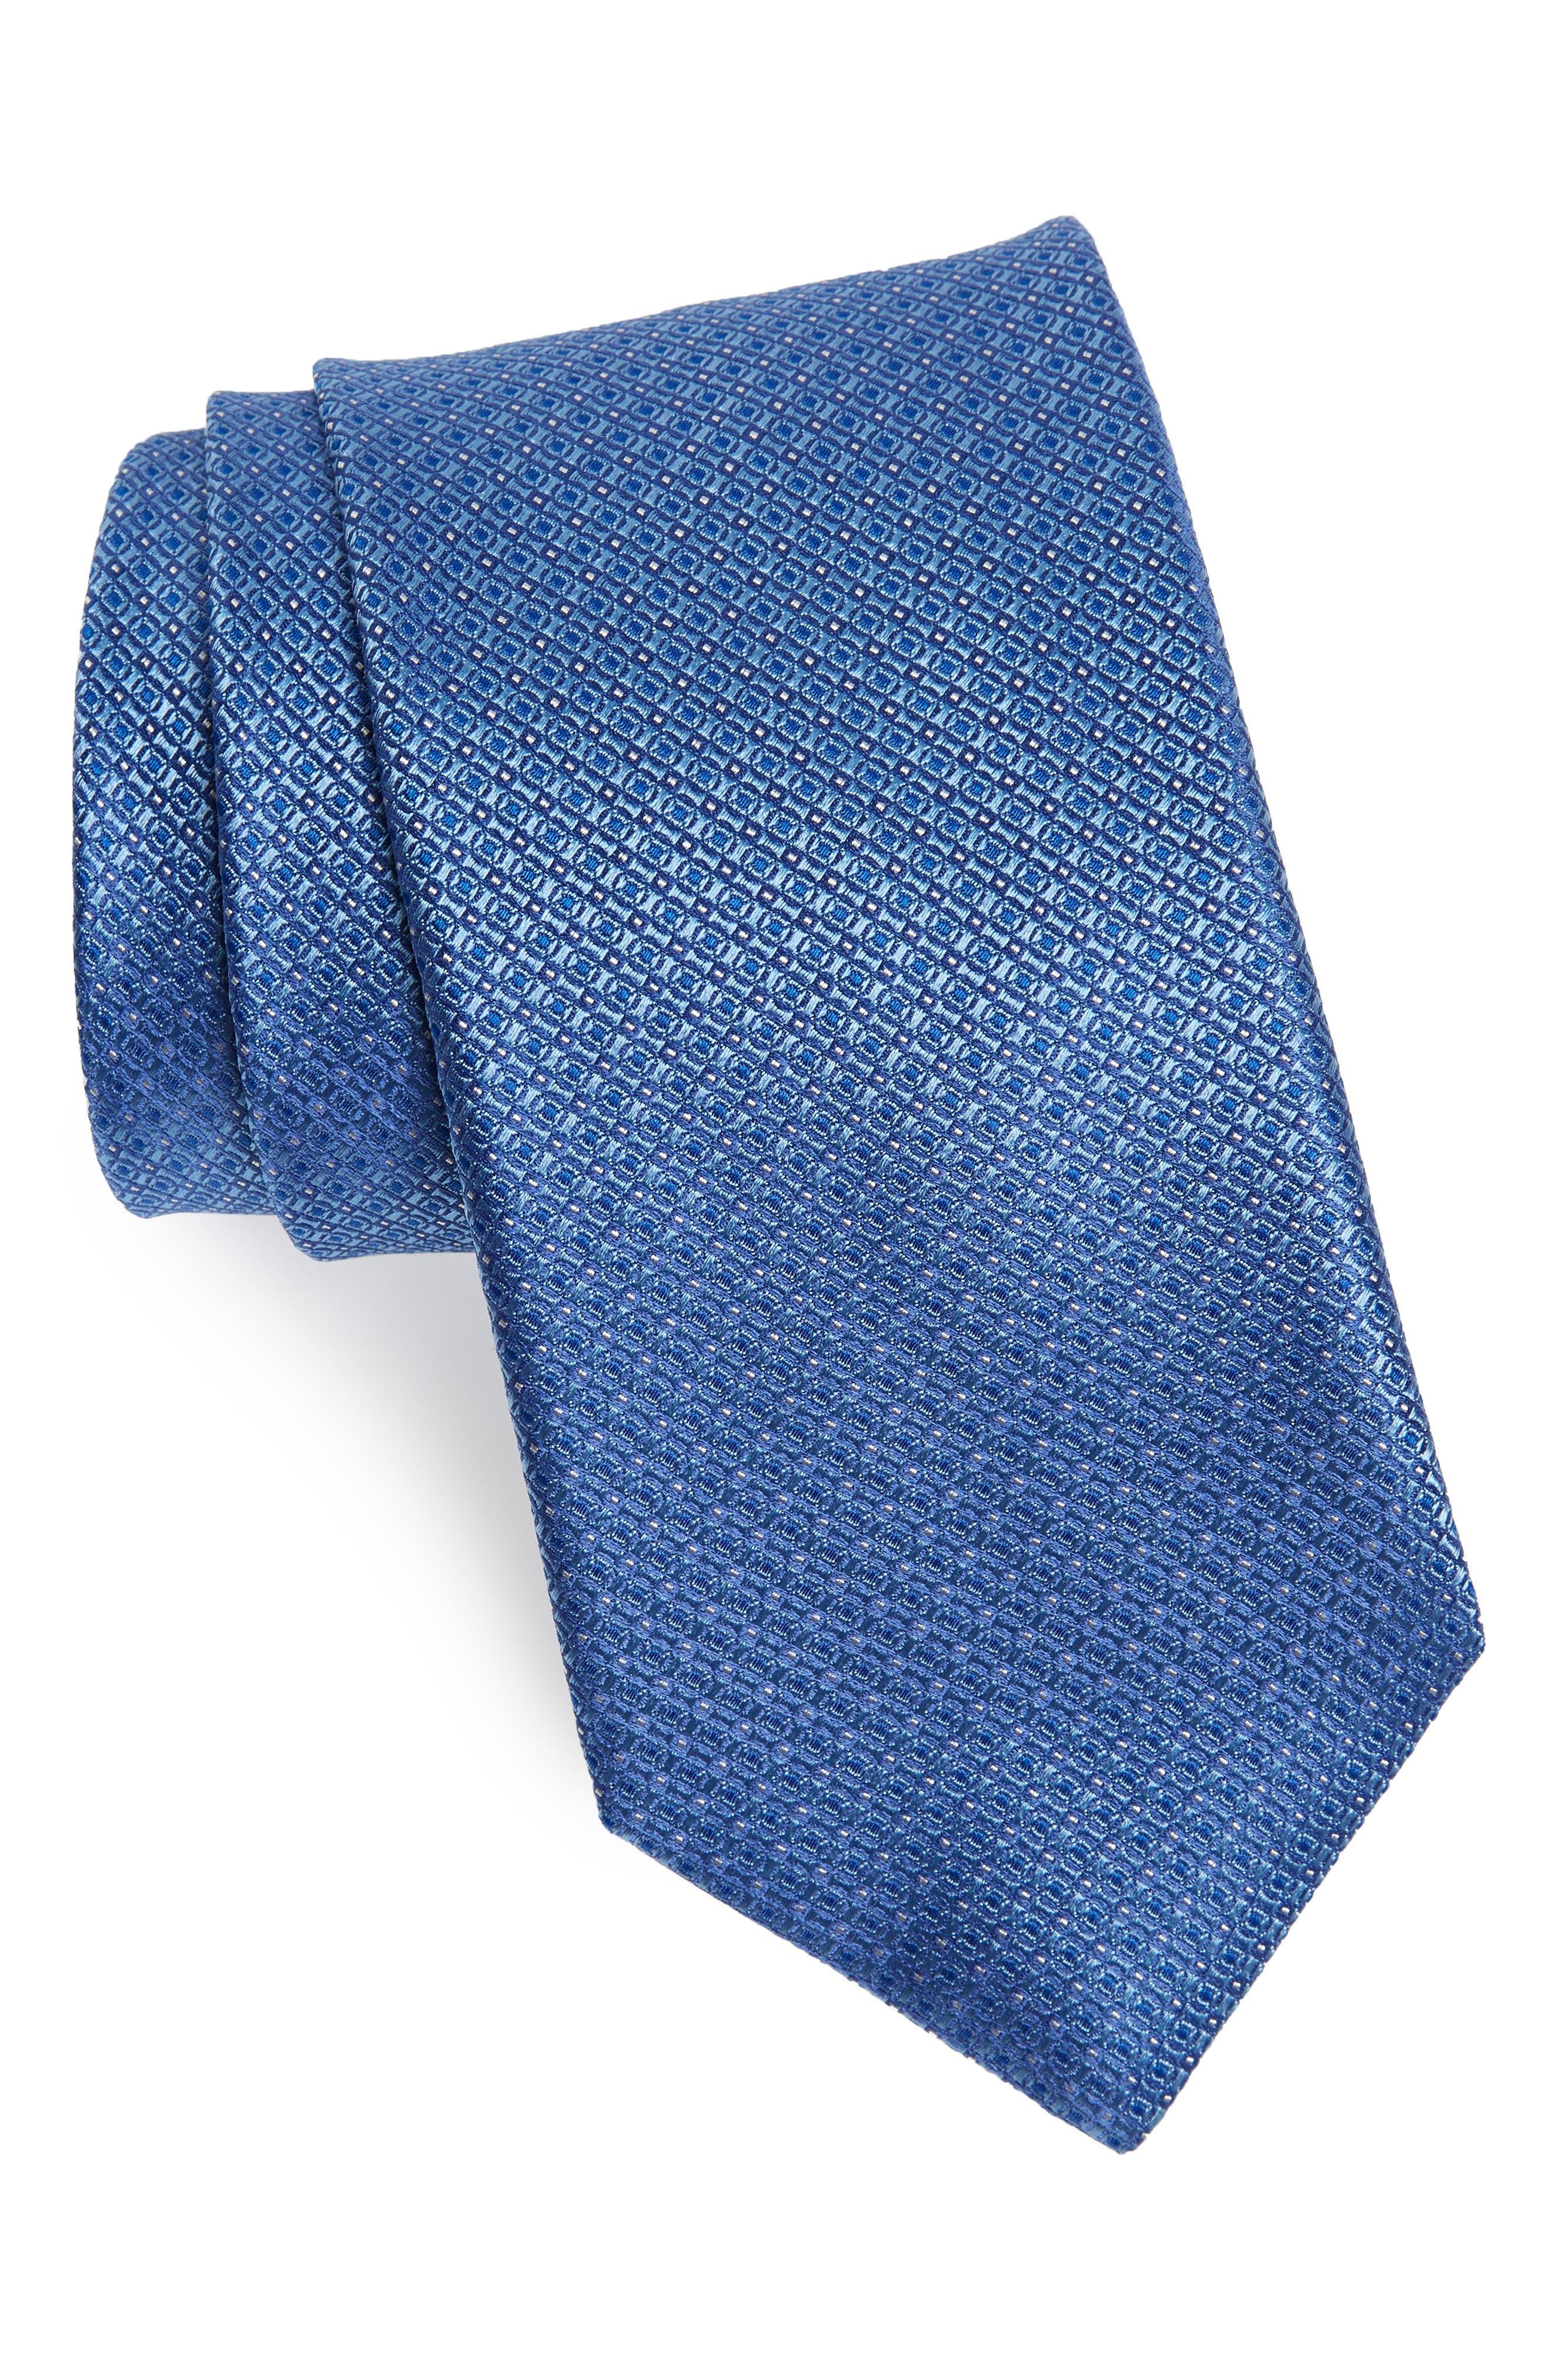 Neat Silk Tie,                         Main,                         color, LIGHT BLUE